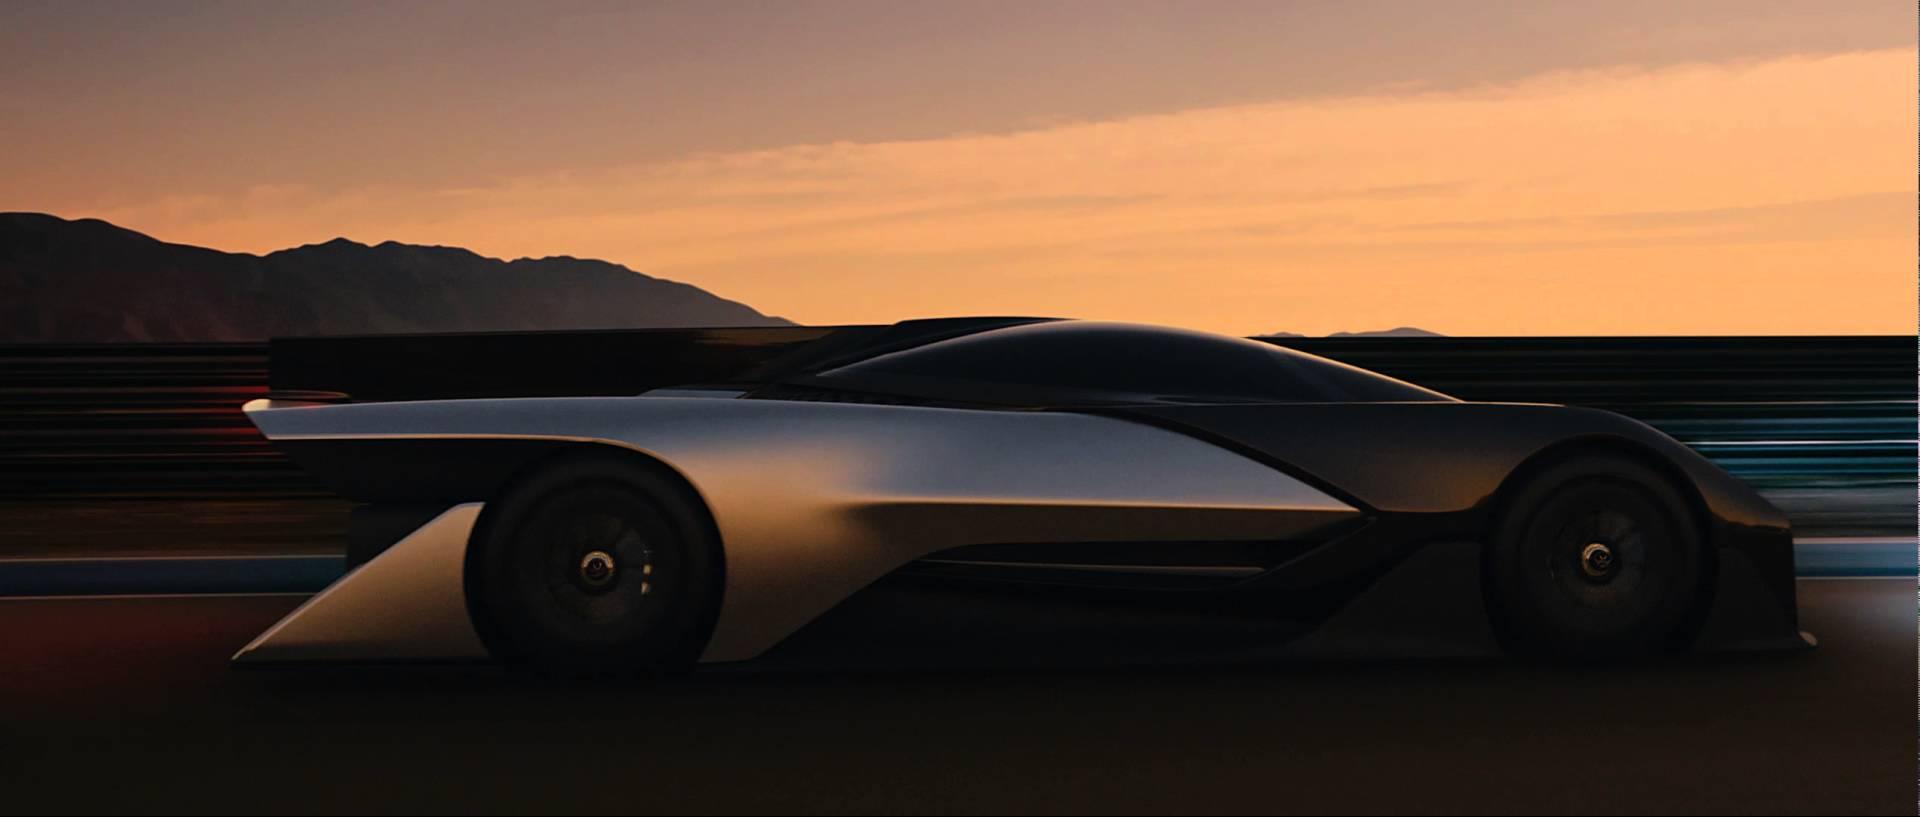 320km/h超えのEVカー、FFZERO1の美しいフォルム